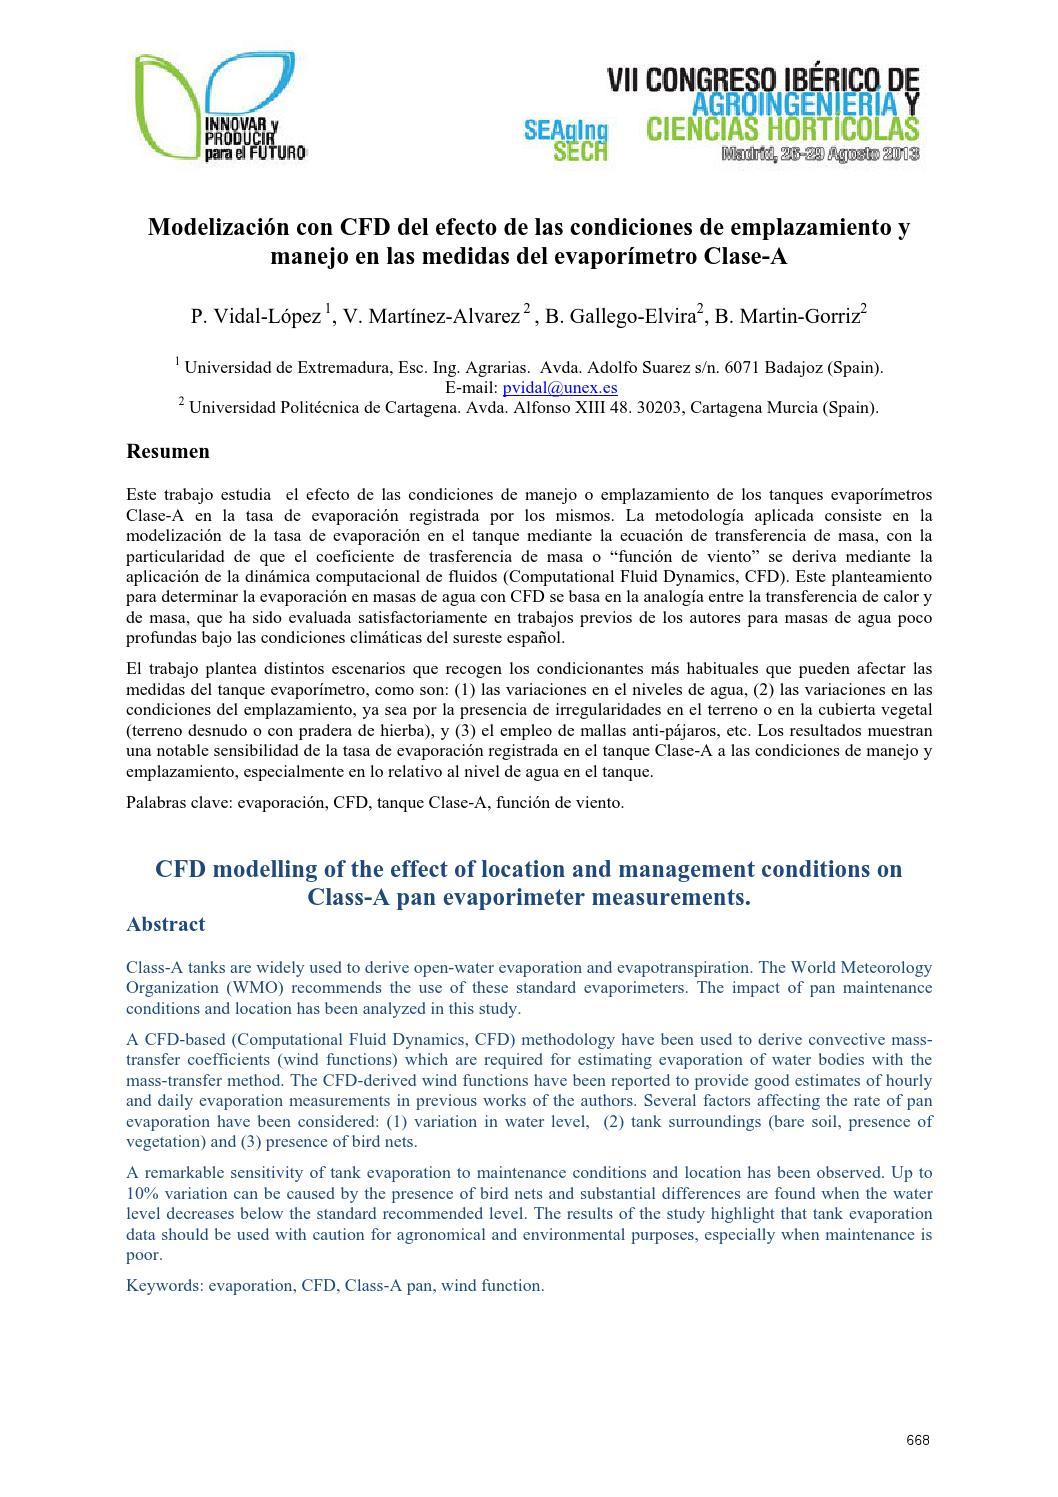 Libro Actas, VII Congreso Ibérico Agroingeniería y Ciencias ...